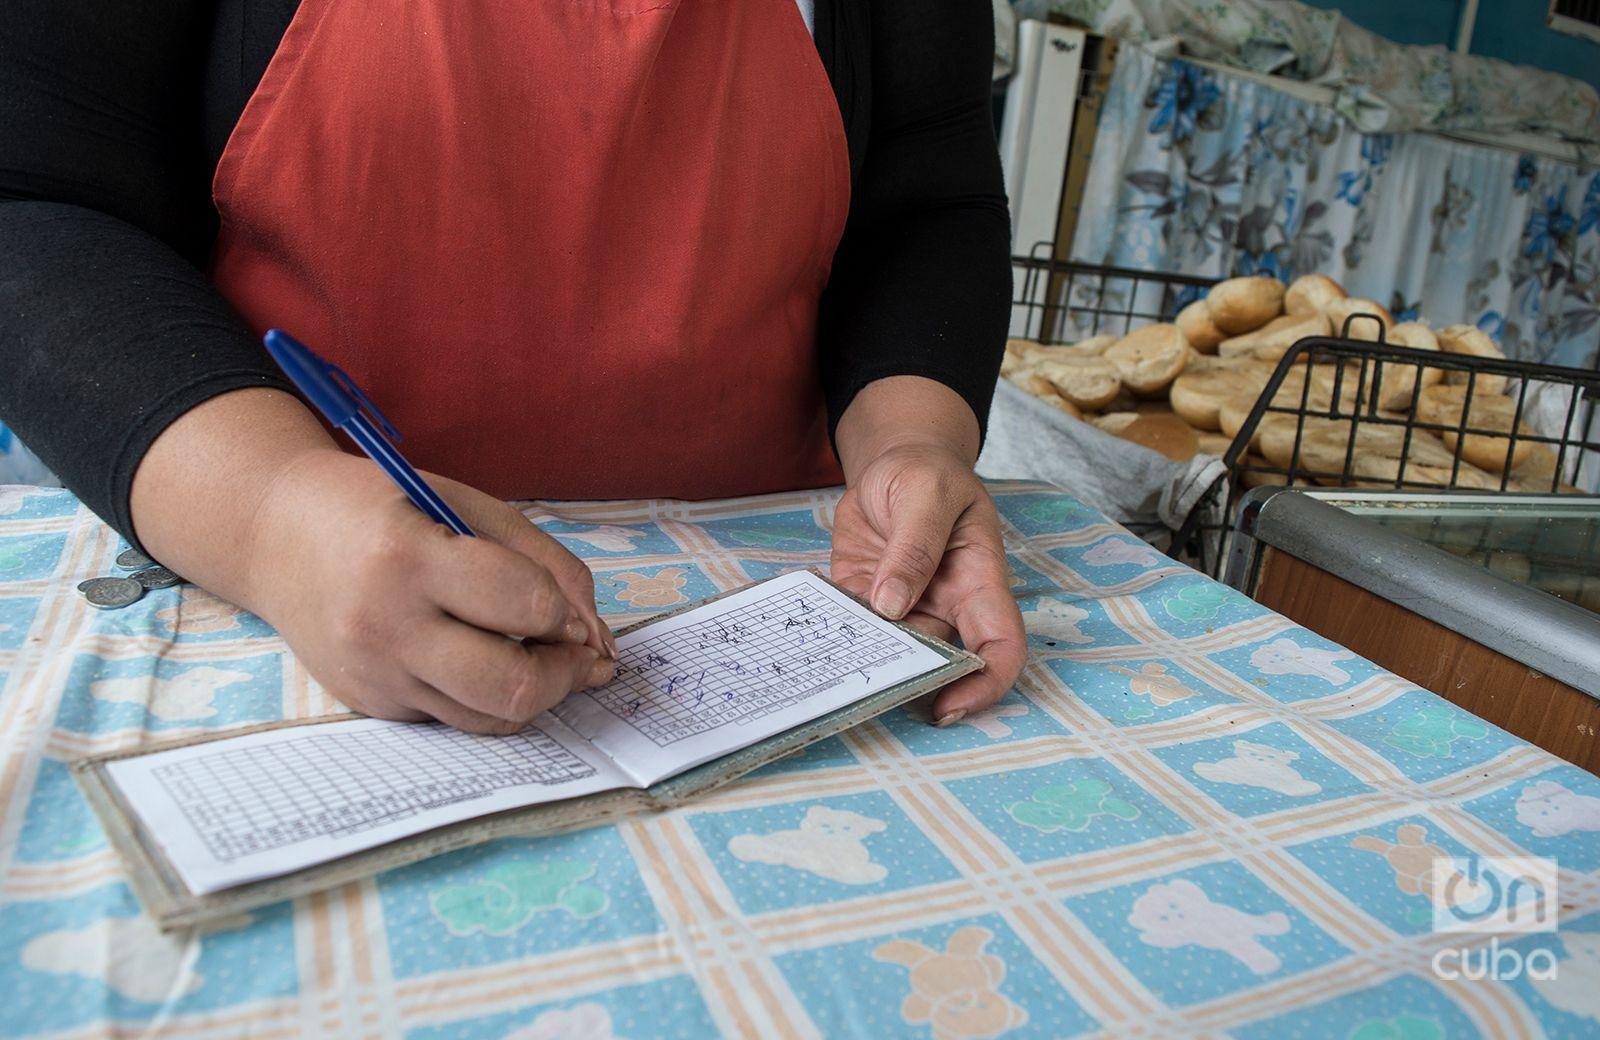 Ante las dificultades con la harina, las autoridades han priorizado el pan que se vende de manera racionada. Foto: Otmaro Rodríguez.